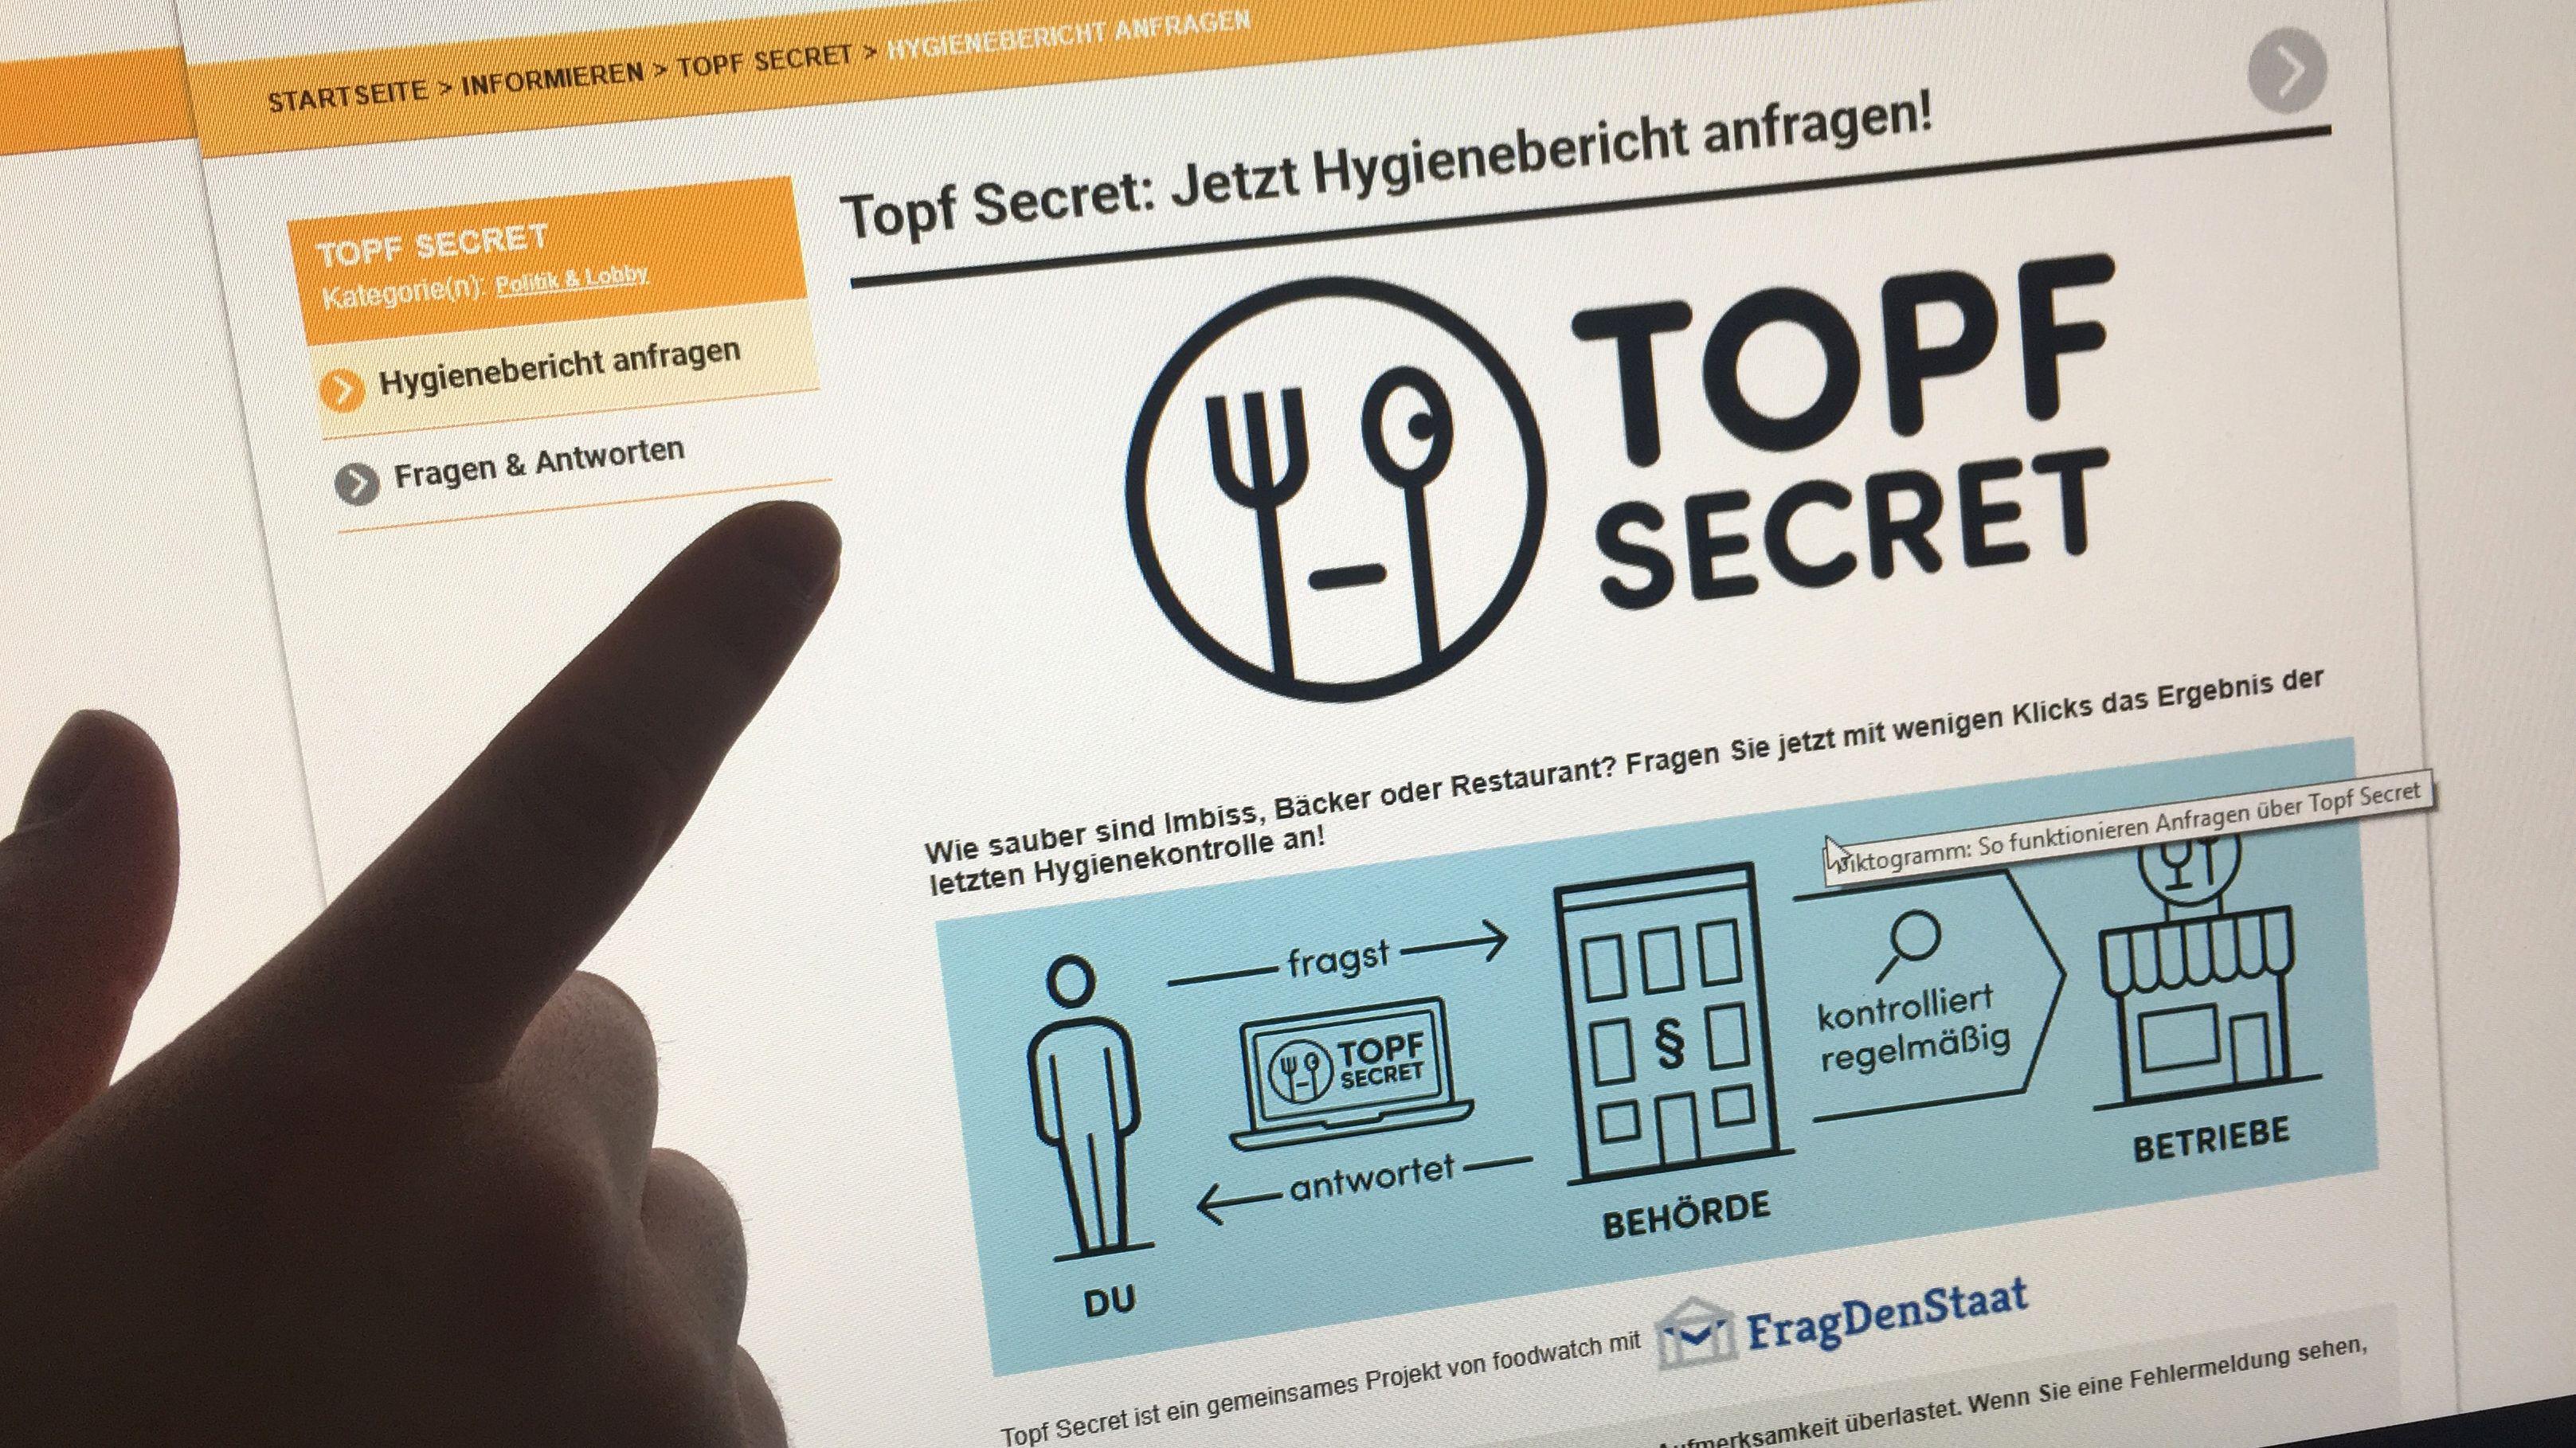 """Auf der Seite """"Topf Secret"""" sind Berichte zu Lebensmittel-Kontrollen in Restaurants, Bäckereien und anderen Lebensmittelbetrieben zugänglich"""